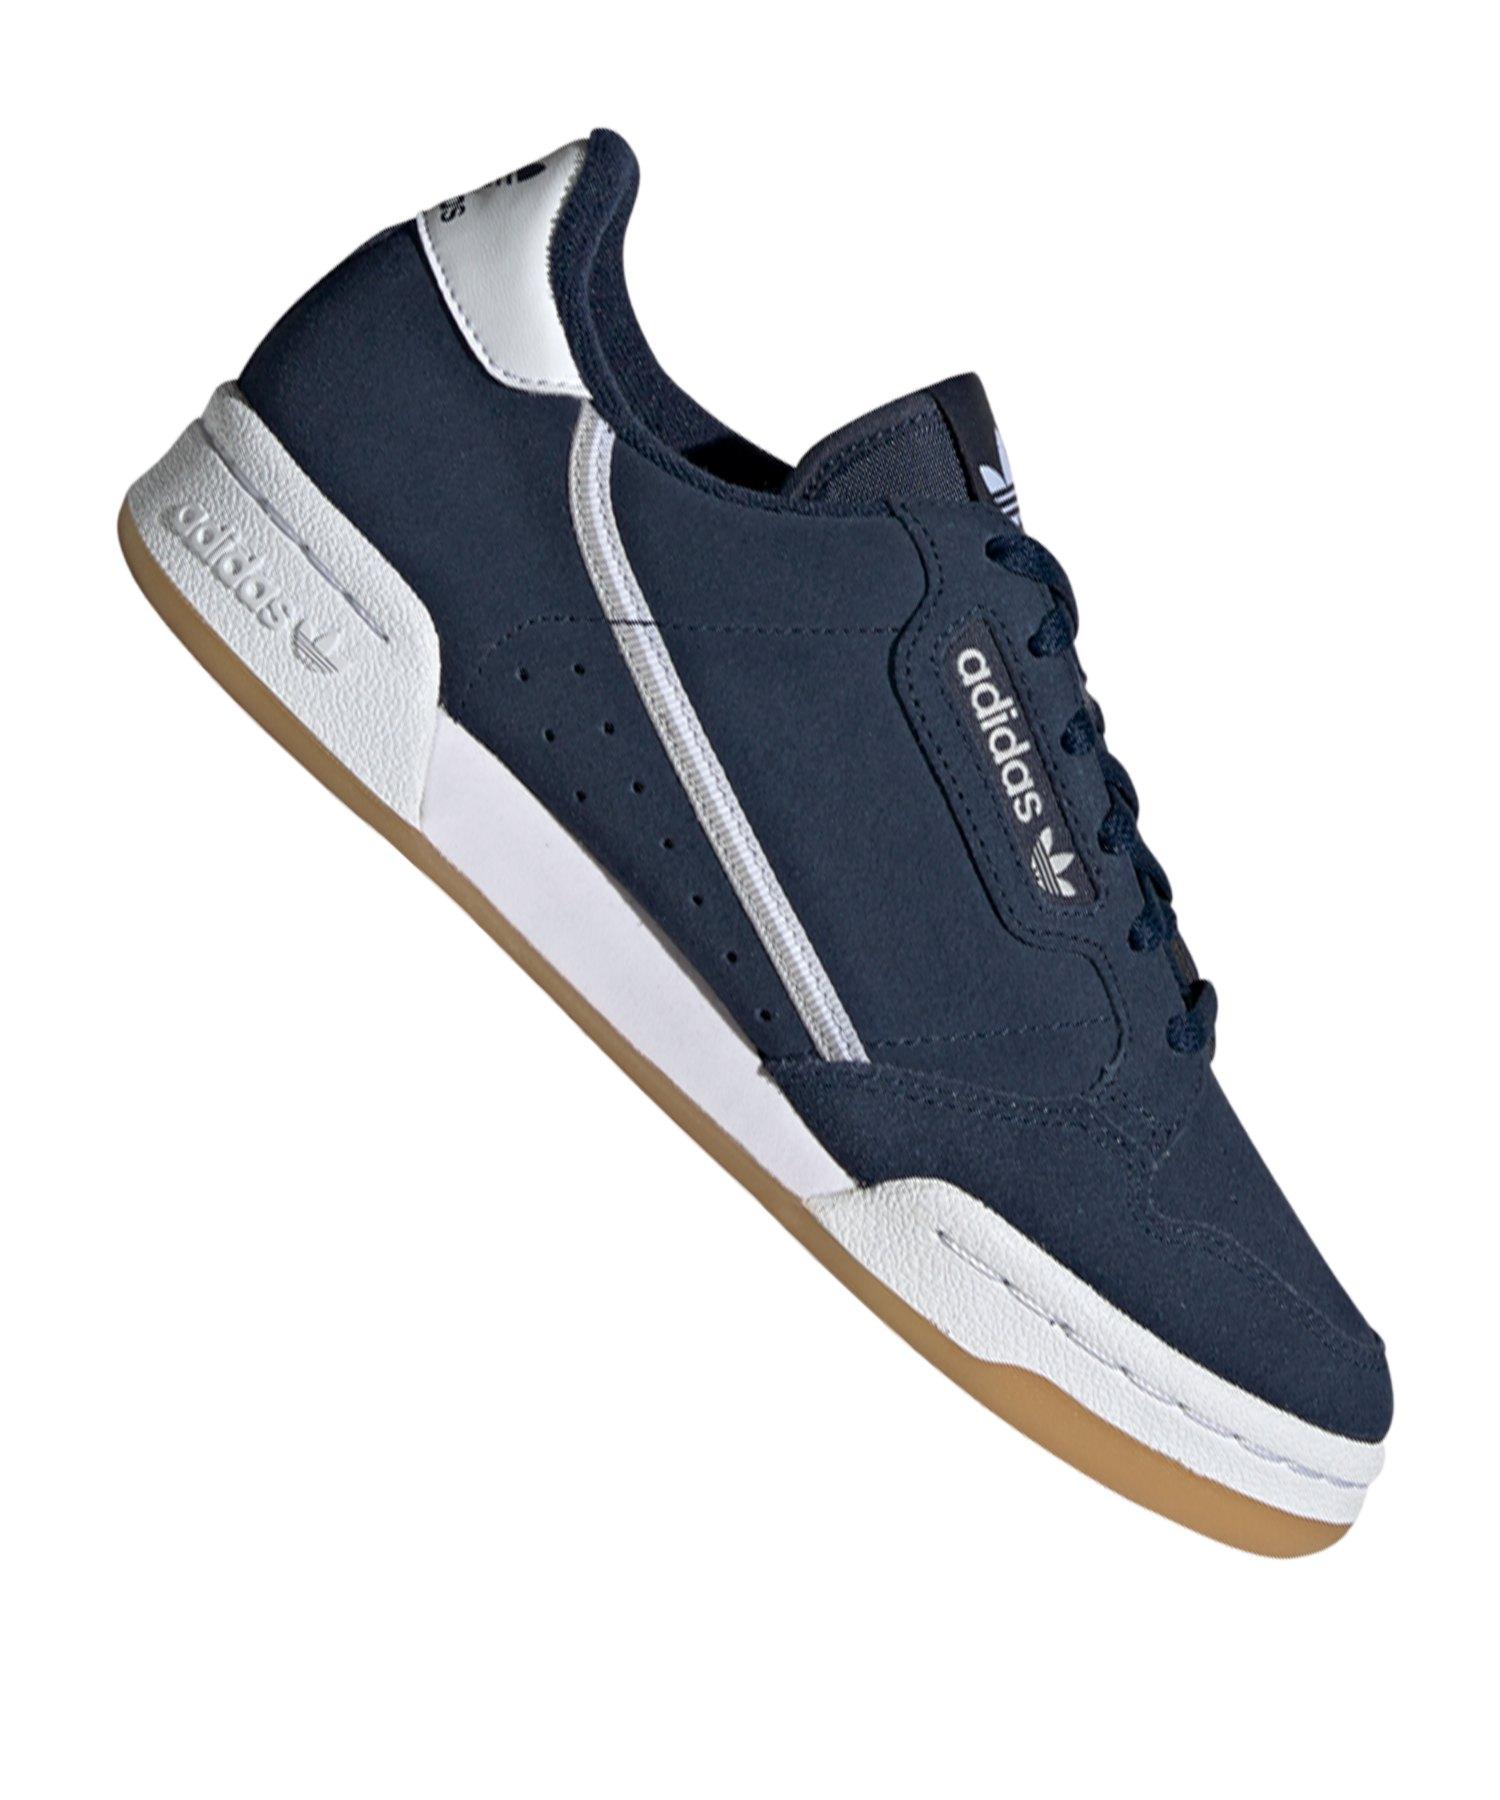 adidas blaue kinder schuhe adidas blaue blaue kinder adidas schuhe schuhe bf7Ygy6v